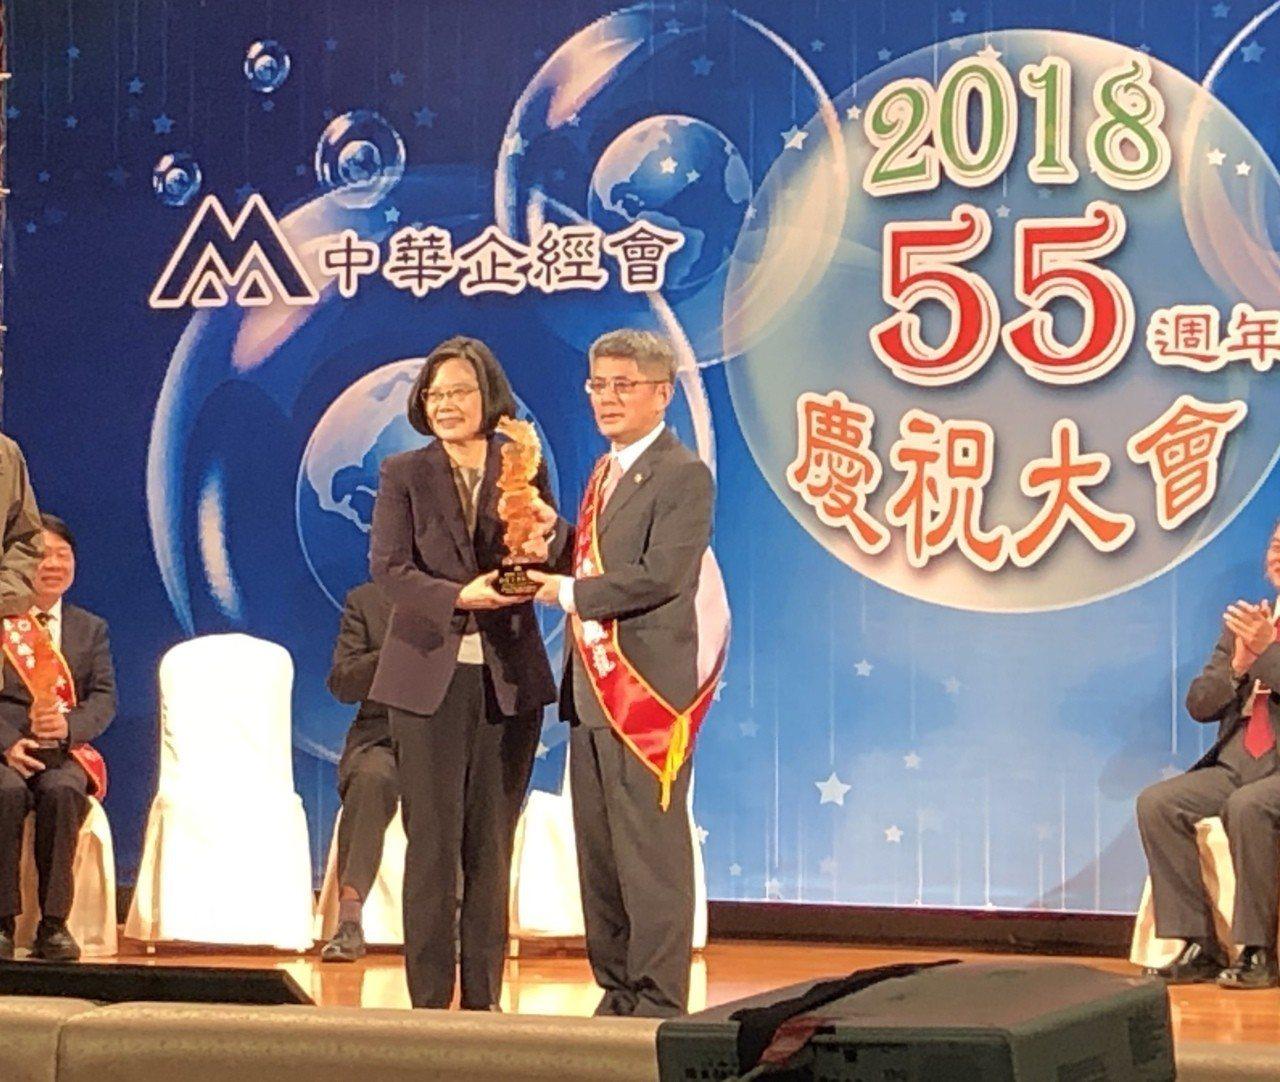 中租控股董事長陳鳳龍(右)獲總統蔡英文頒發國家卓越成就奬。記者宋健生/攝影